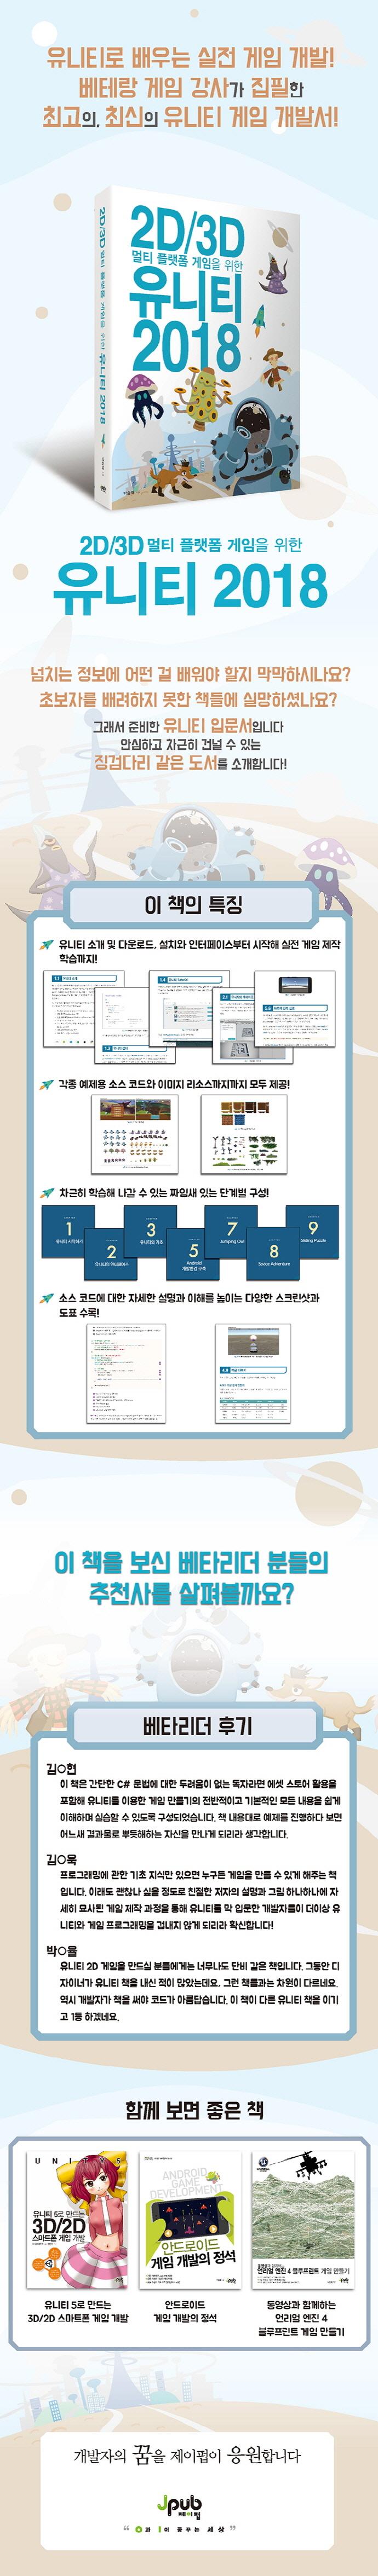 2D/3D 멀티 플랫폼 게임을 위한 유니티 2018 도서 상세이미지